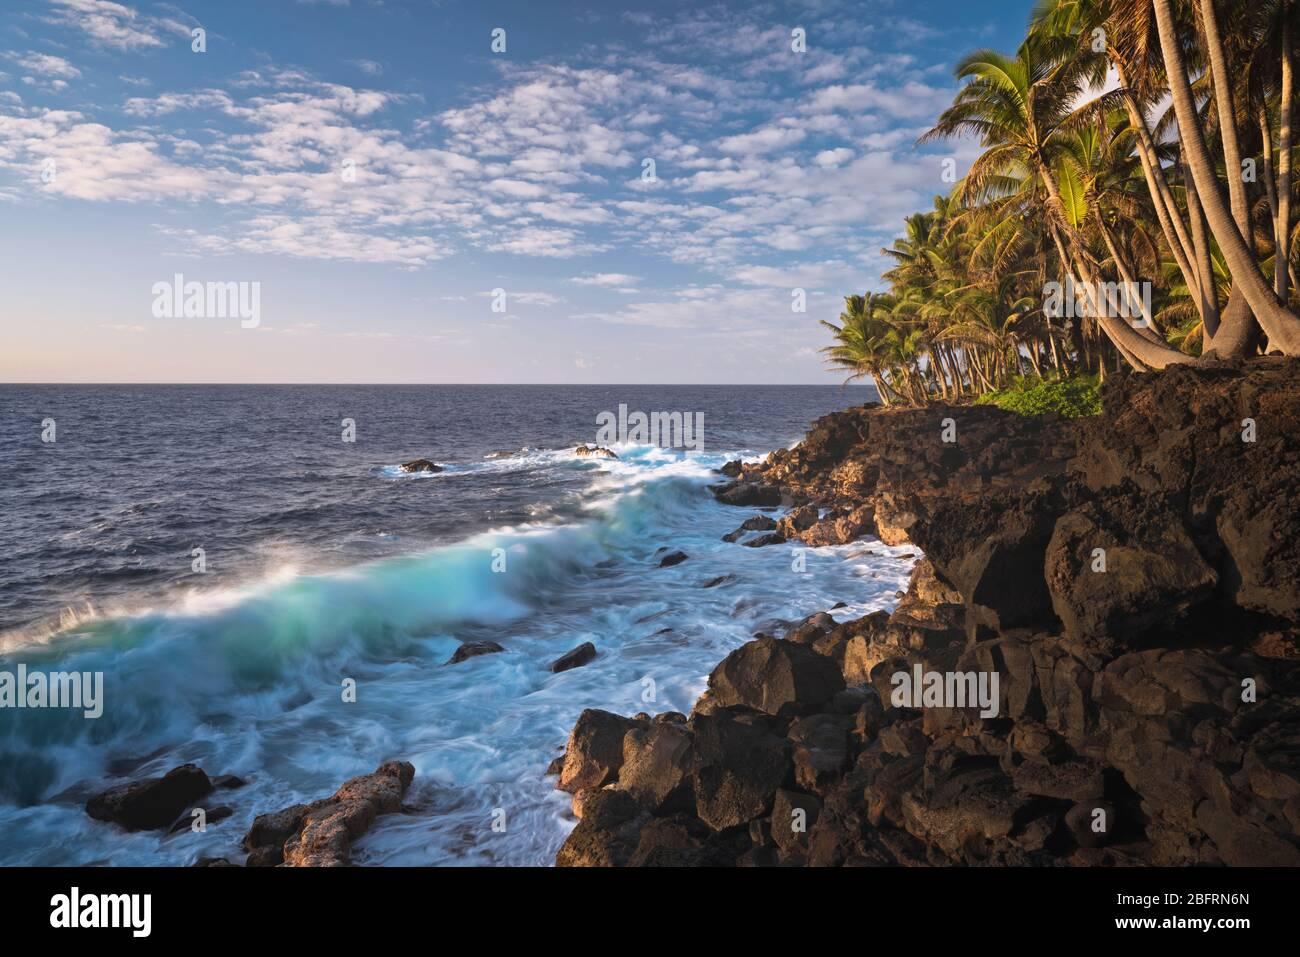 Les vagues lumineuses du matin s'écrasent contre la rive de lave et la côte de Puna bordée de palmiers sur la Grande île d'Hawaï. Banque D'Images